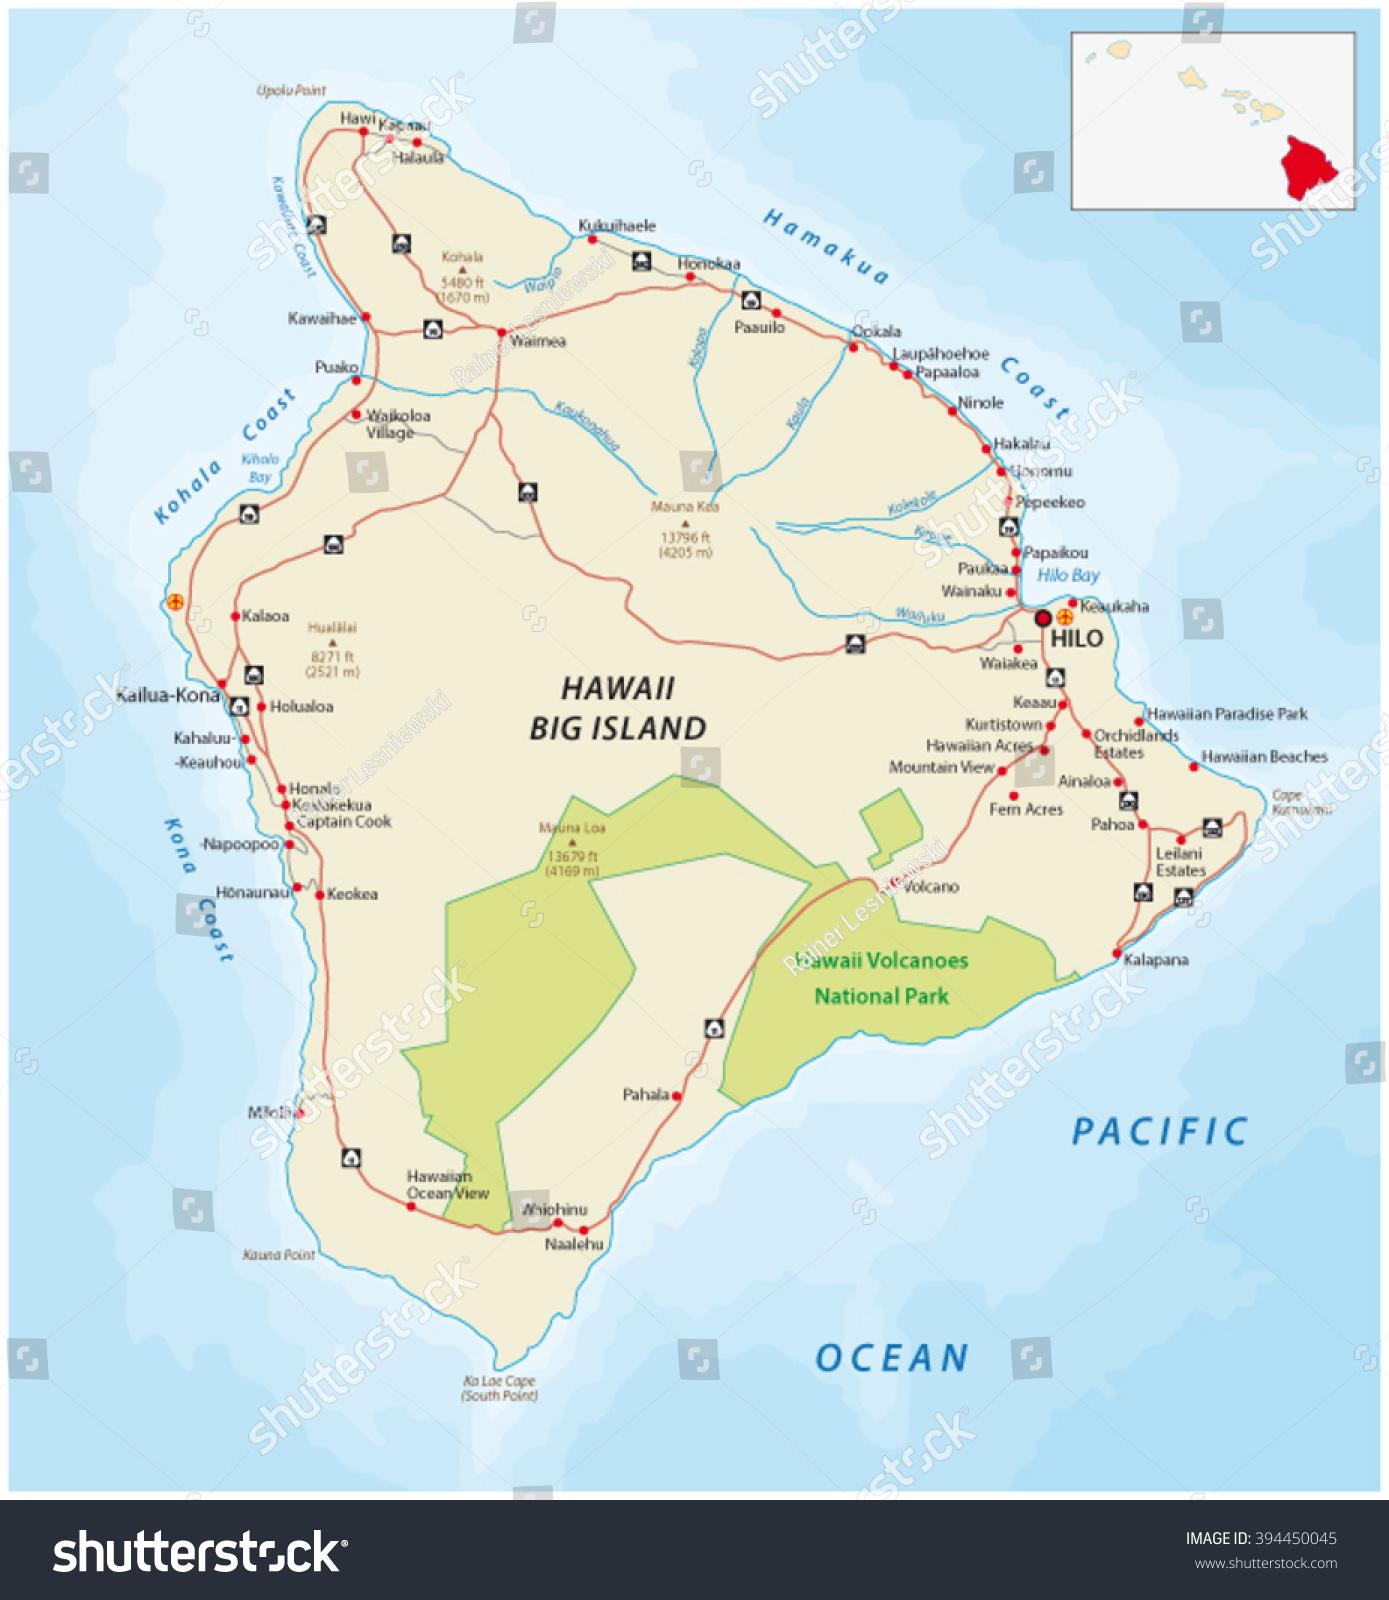 big island hawaii map stock vector   shutterstock - big island hawaii map